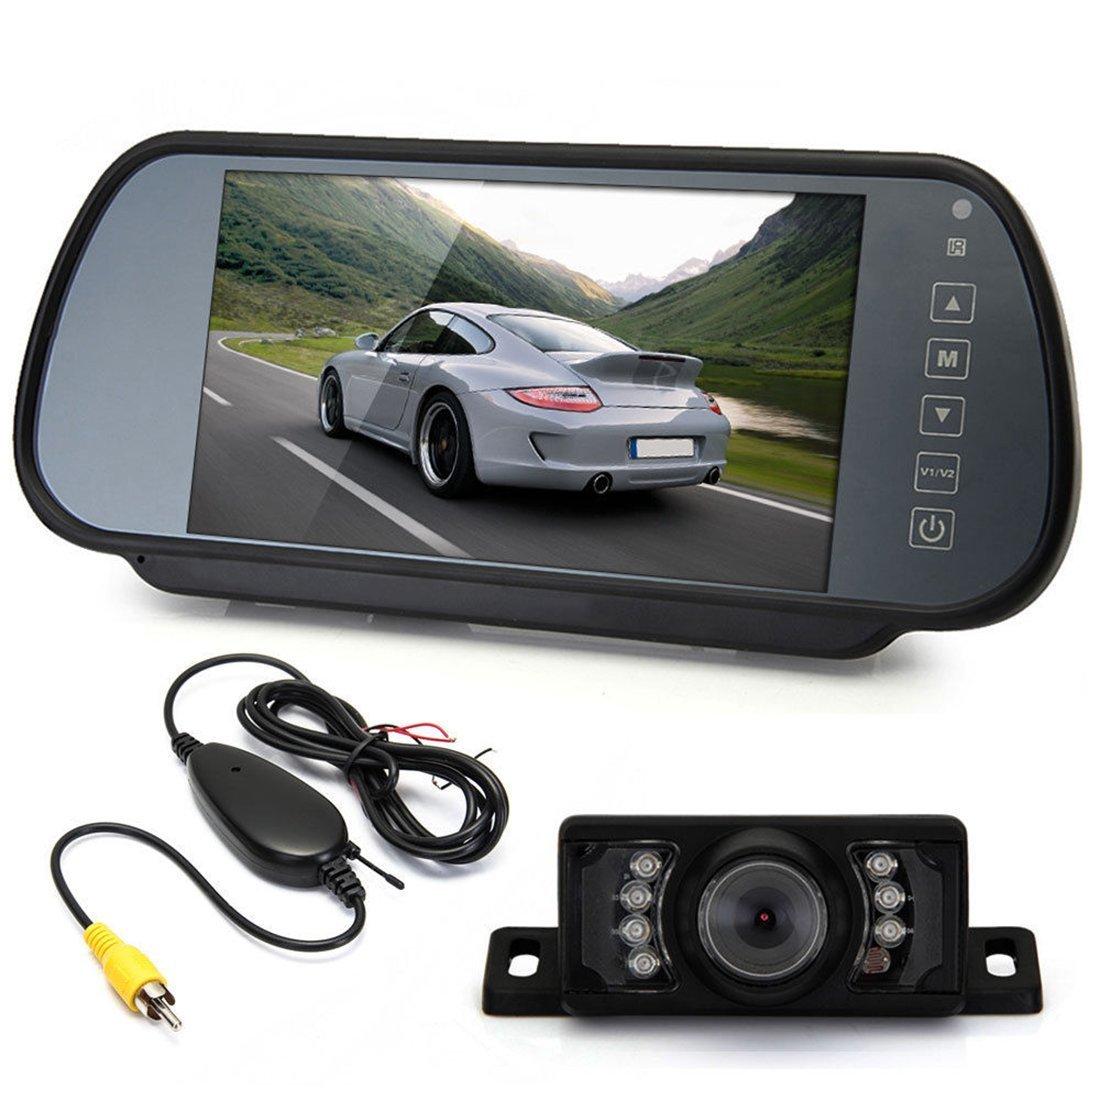 Luwu-Store 7 TFT LCD Monitor de copia de seguridad de coche + transmisor + 7 LED cámara de visión trasera amplia protector de aparcamiento de visión ...